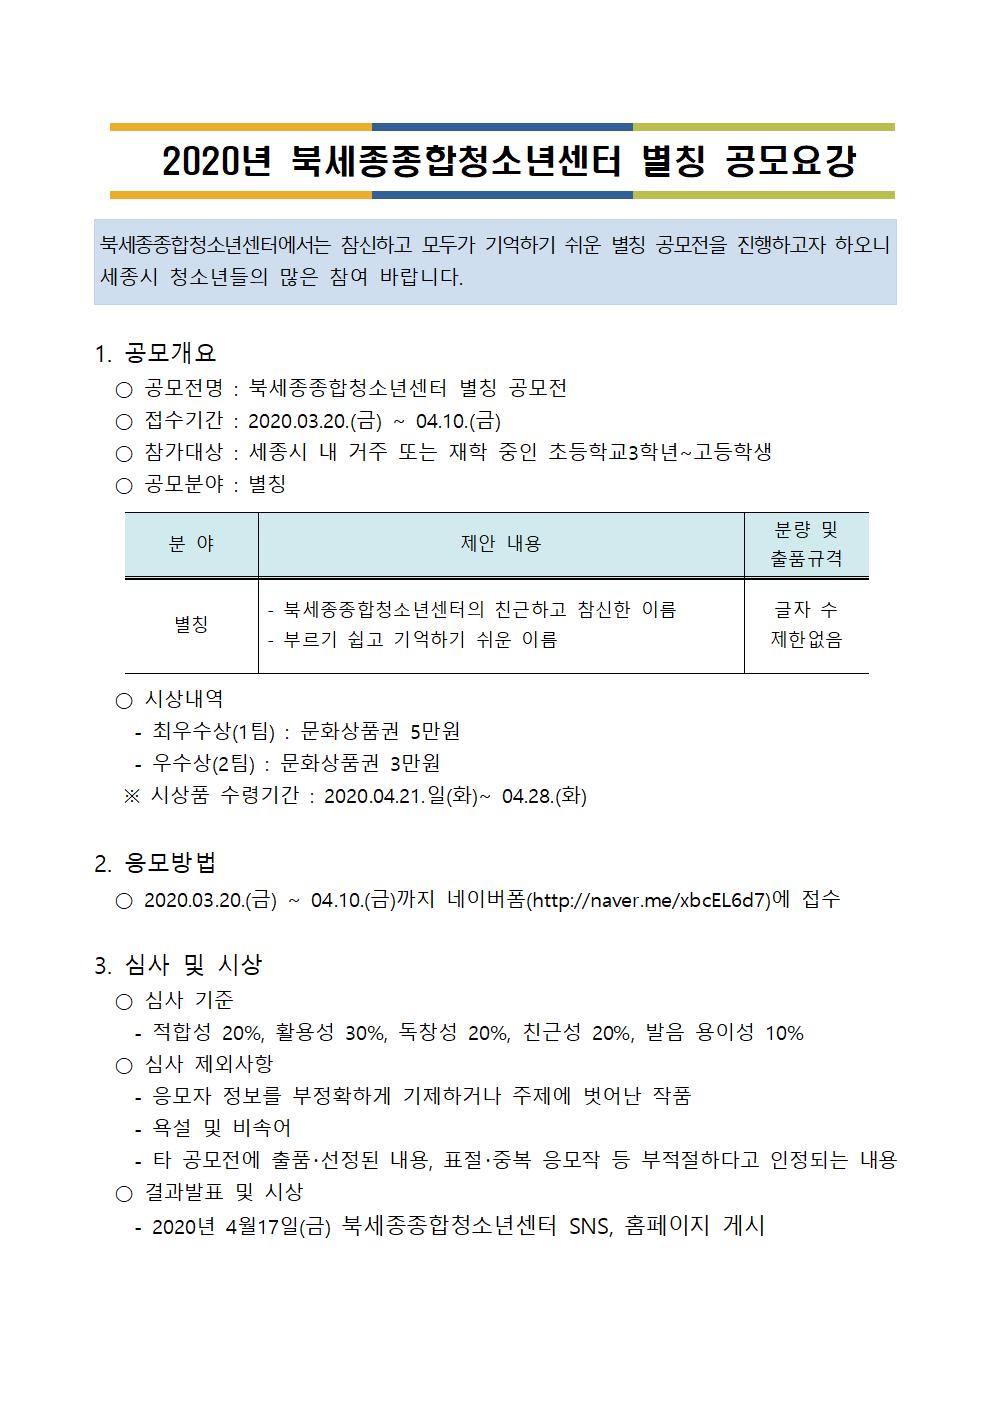 북세종종합청소년센터 별칭 공모요강001.png